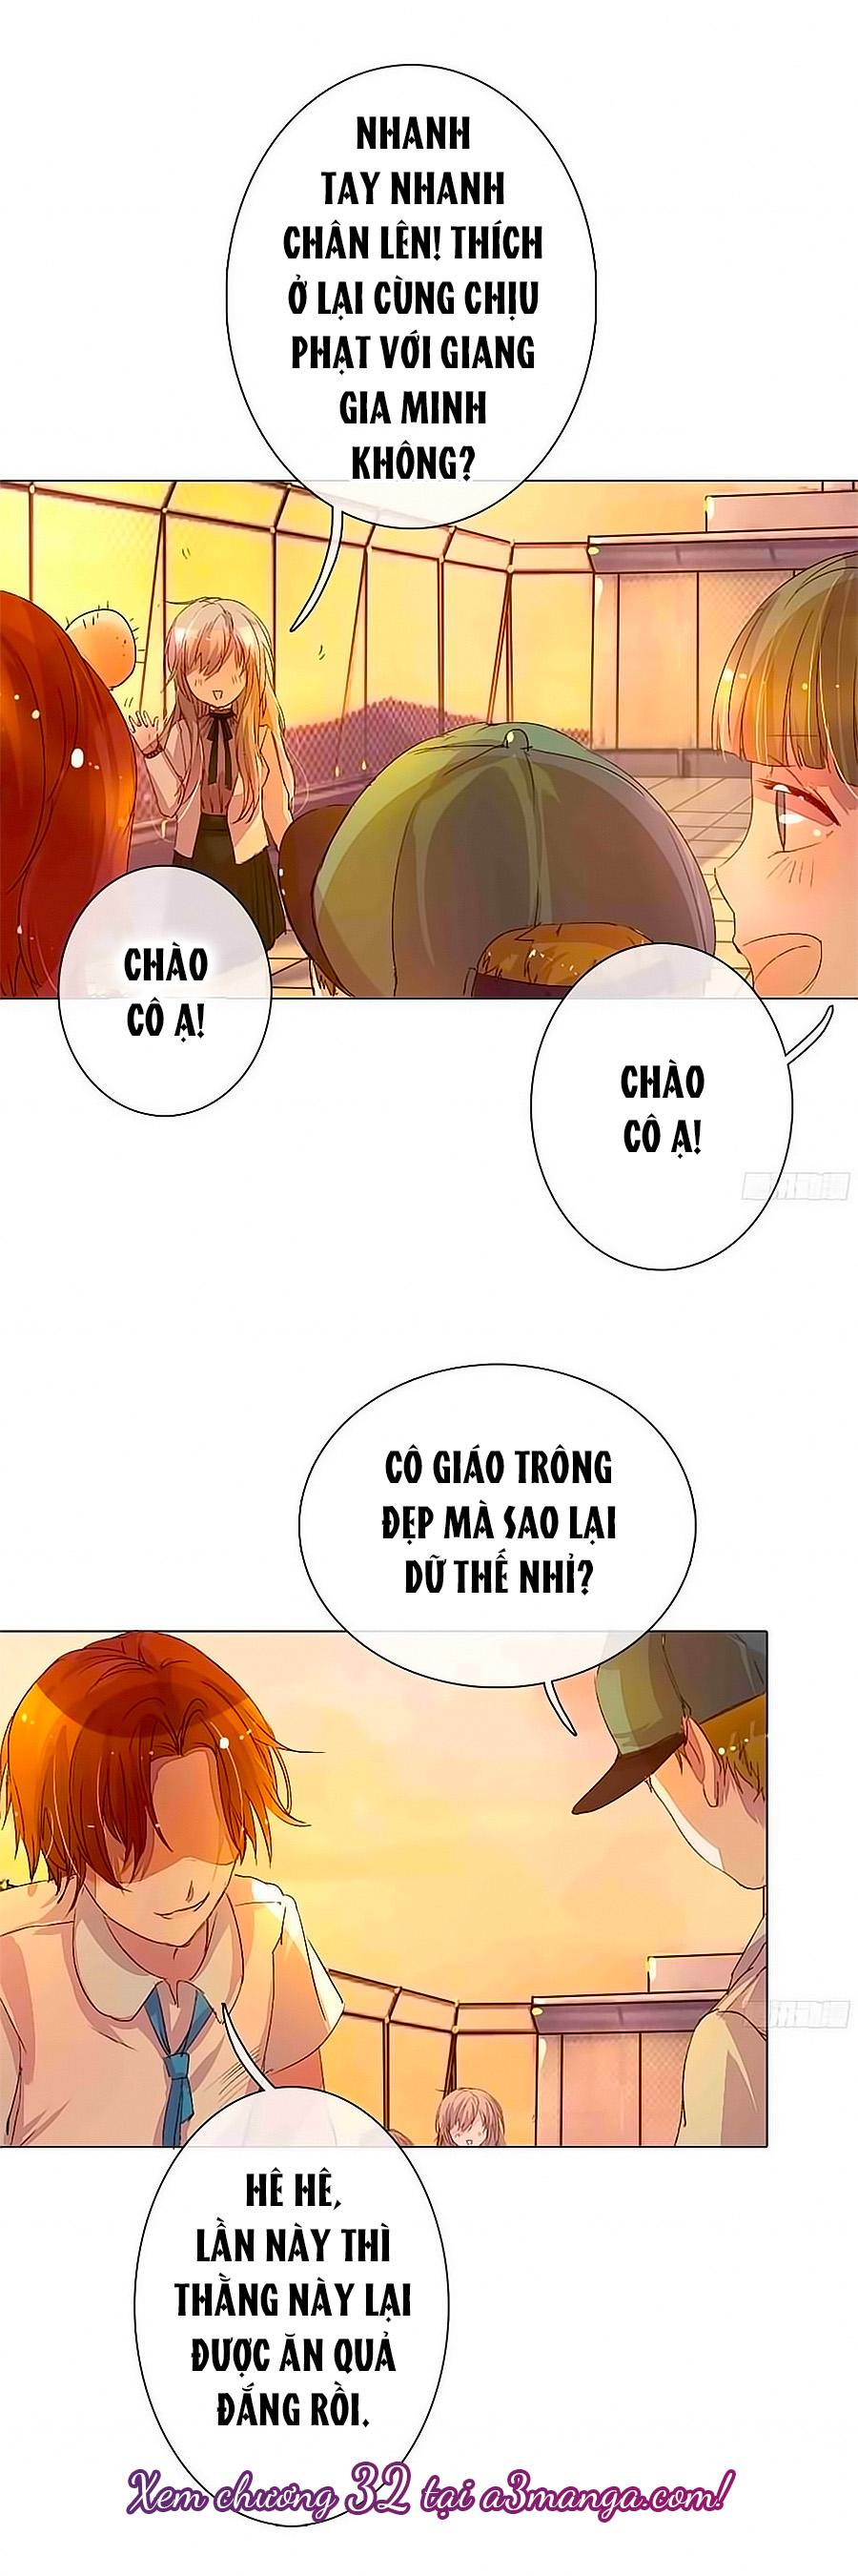 Hào Môn Tiểu Lãn Thê - Chap 31